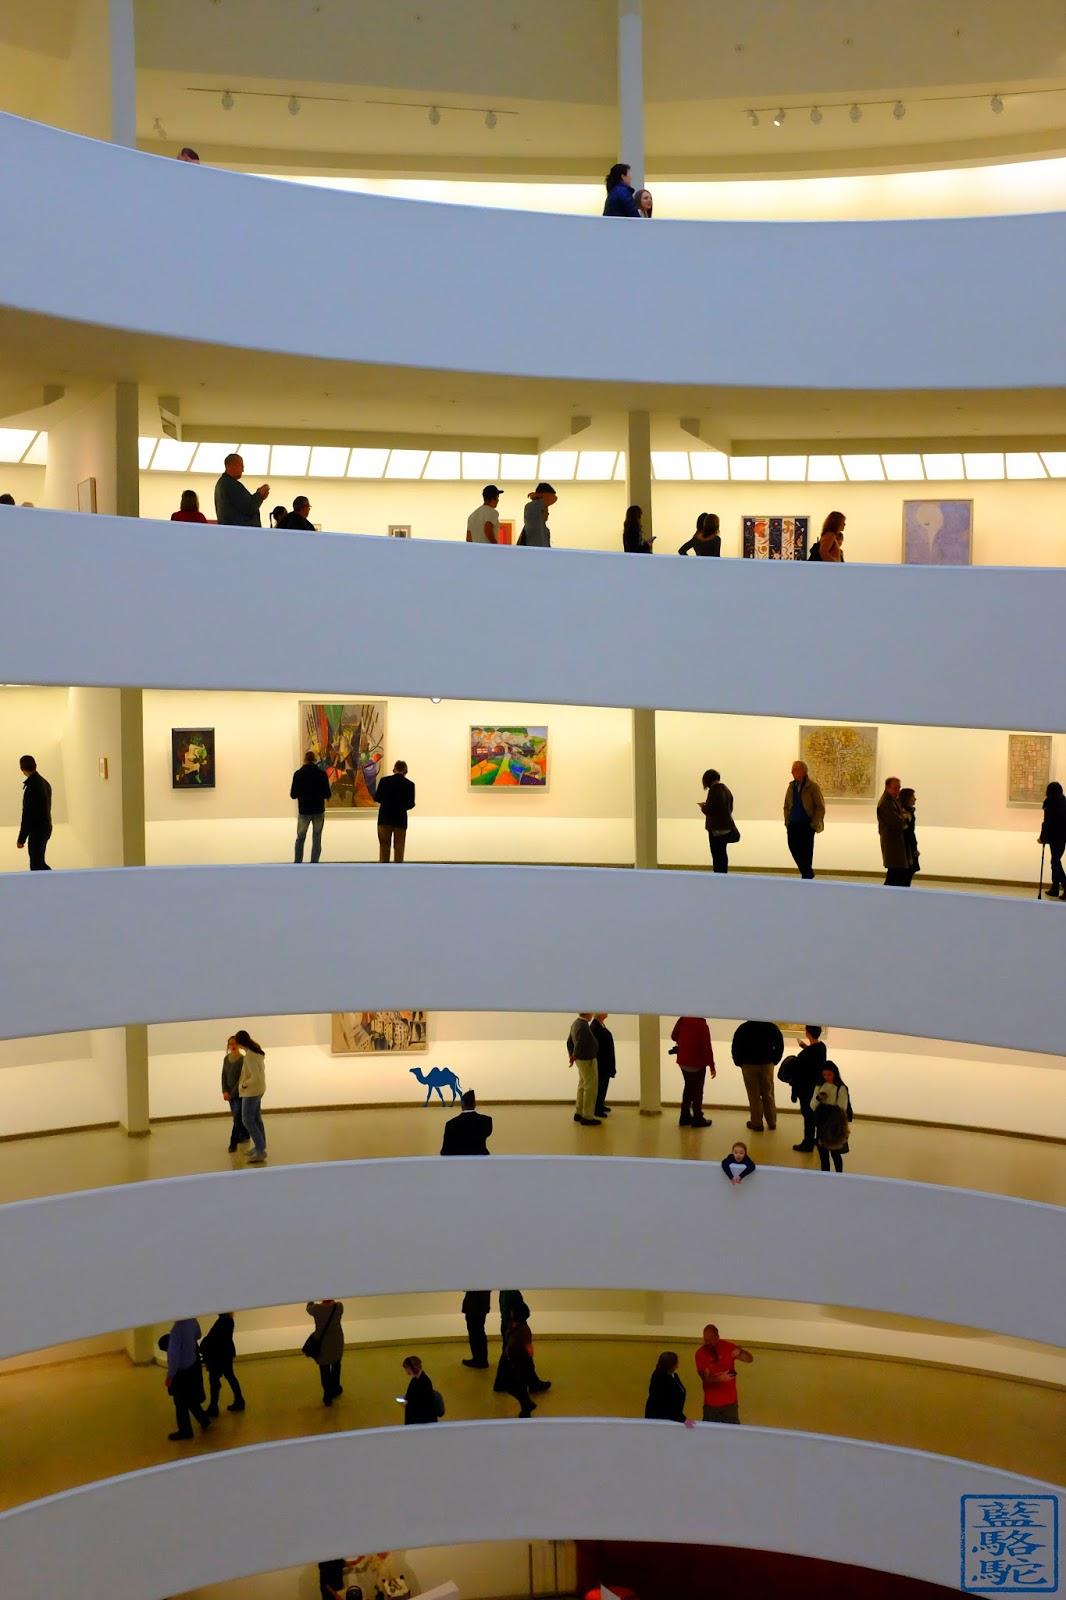 Le Chameau Bleu - Escapade à New York - Intérieur du Musée Guggenheim